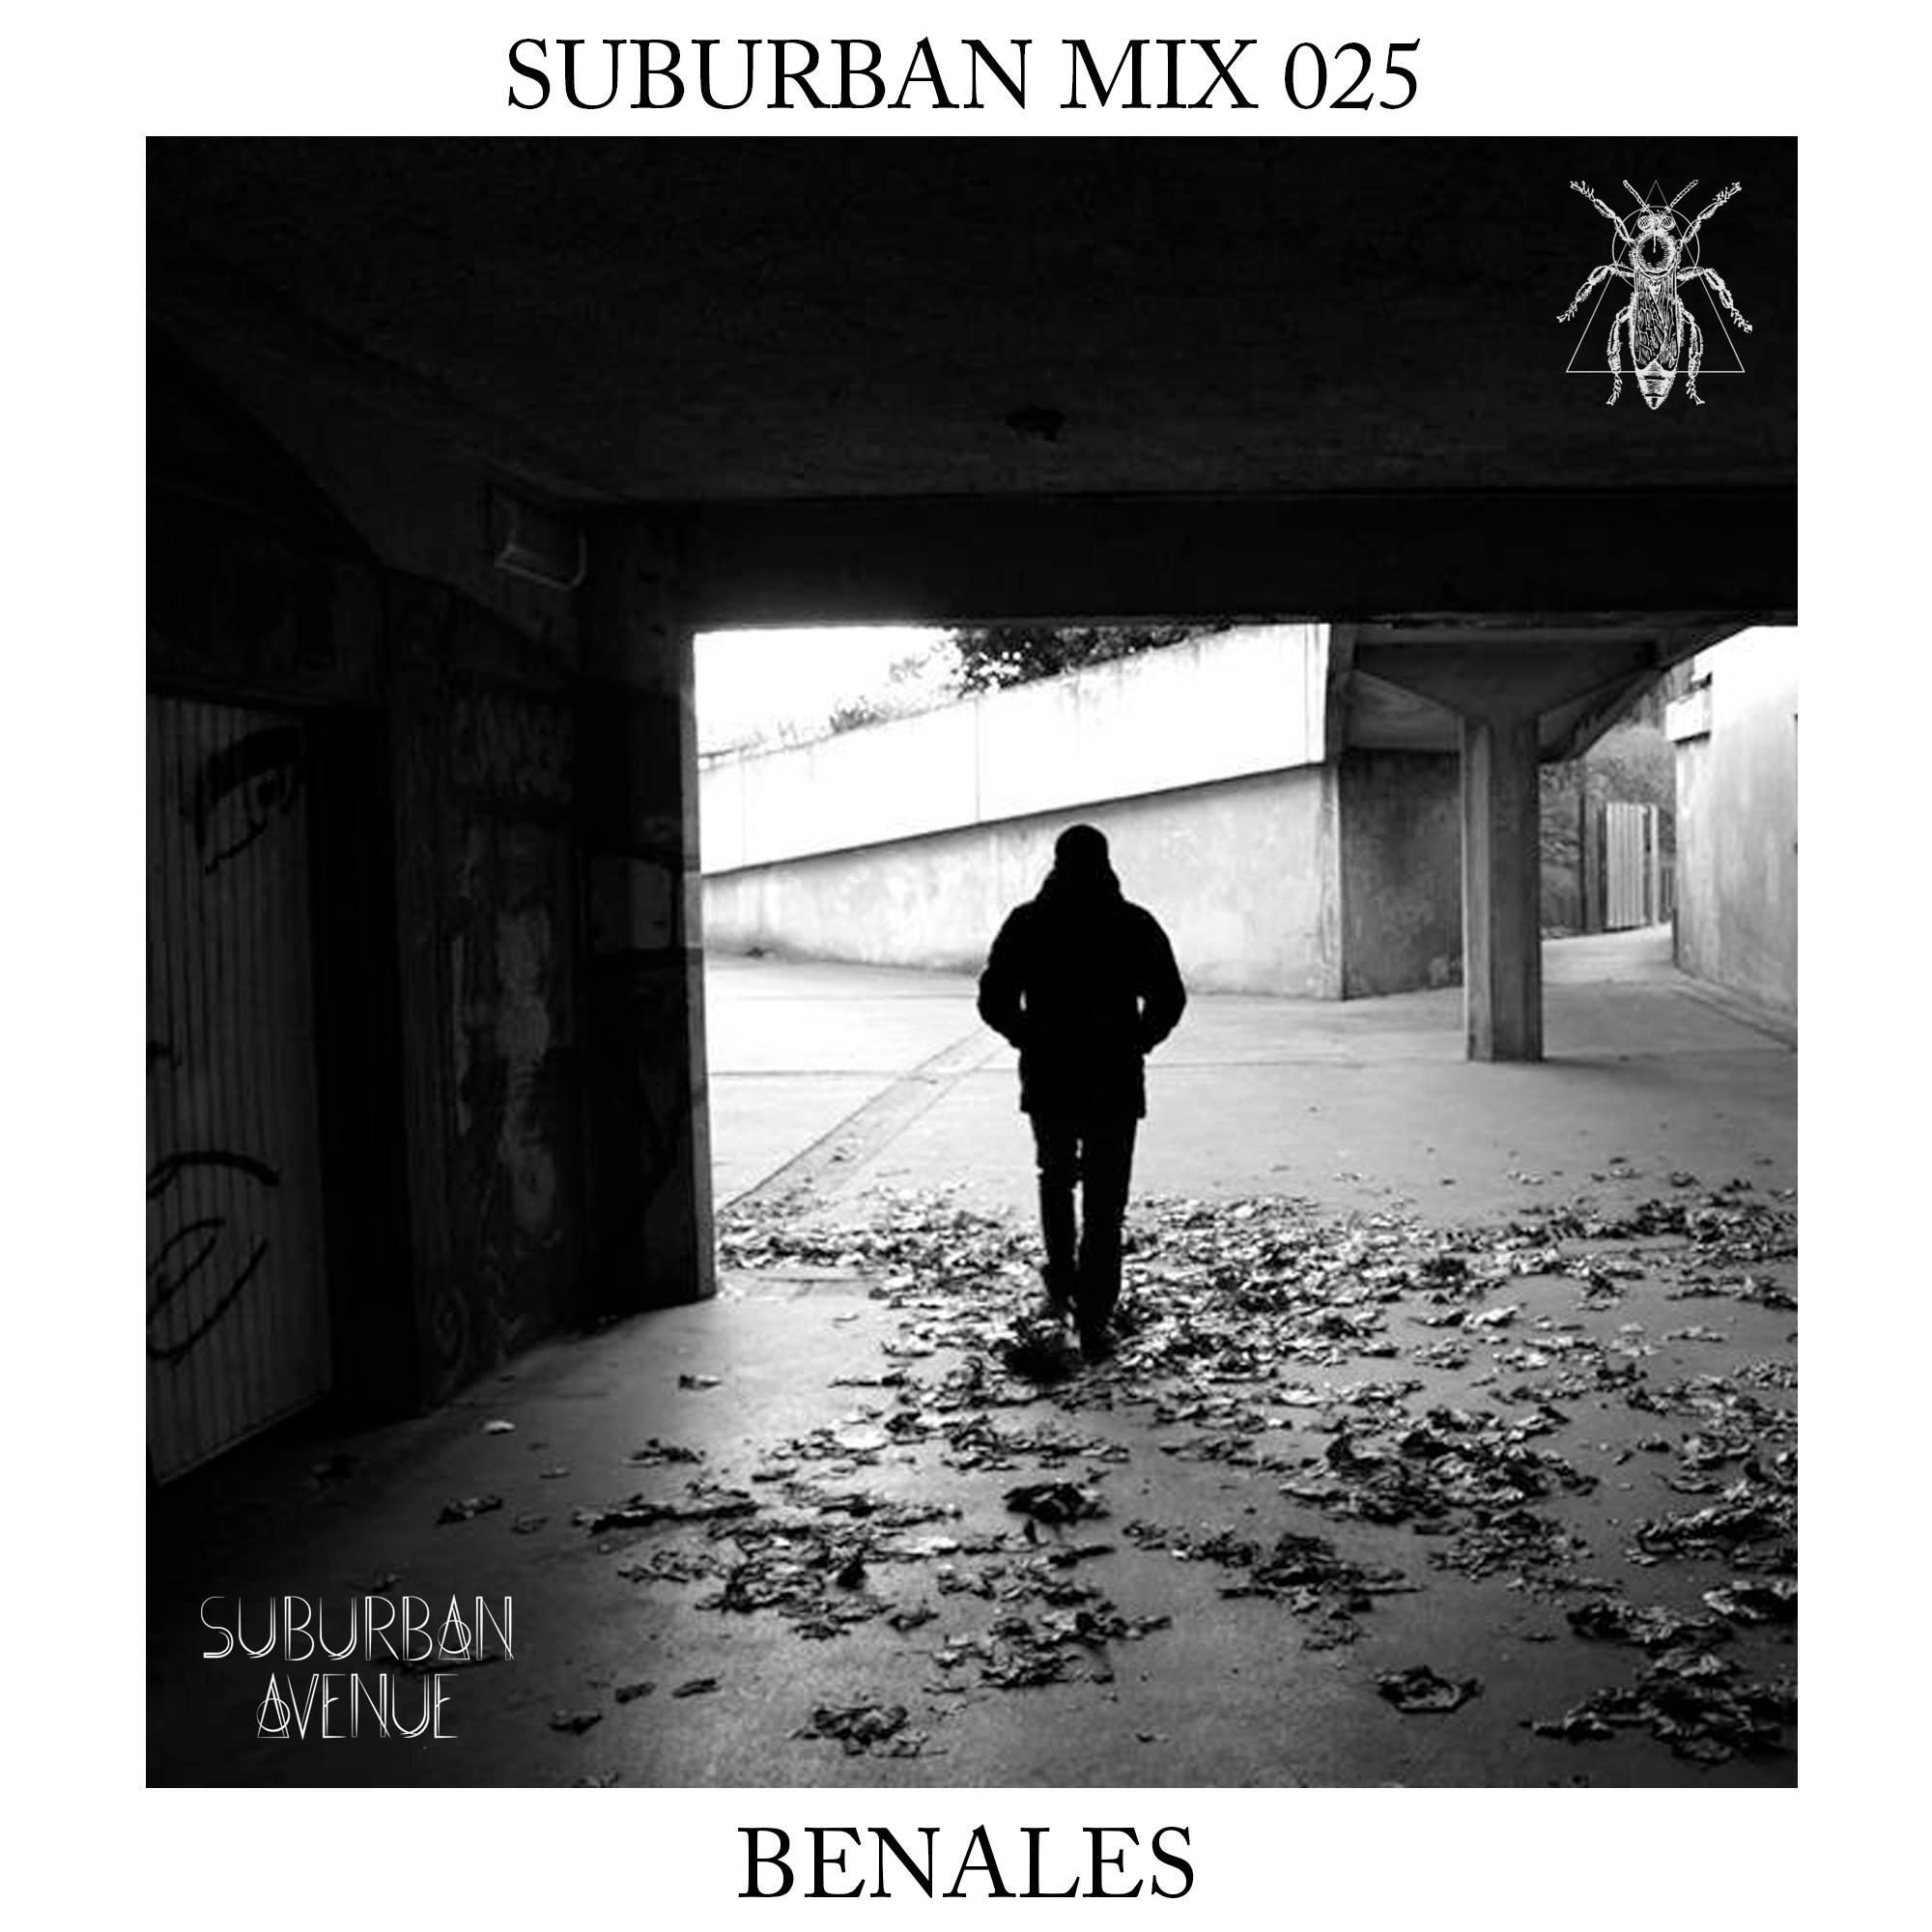 Suburban Mix 025 - Benales